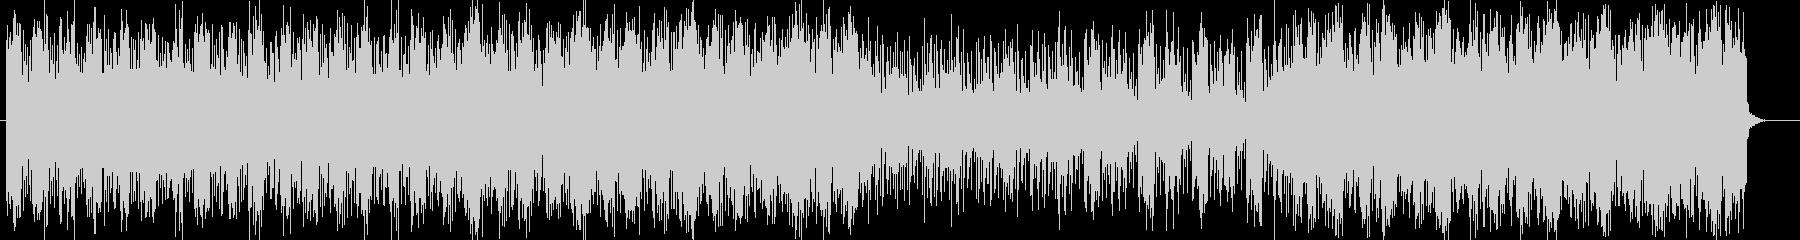 スピード感ある不思議なシンセサウンドの未再生の波形